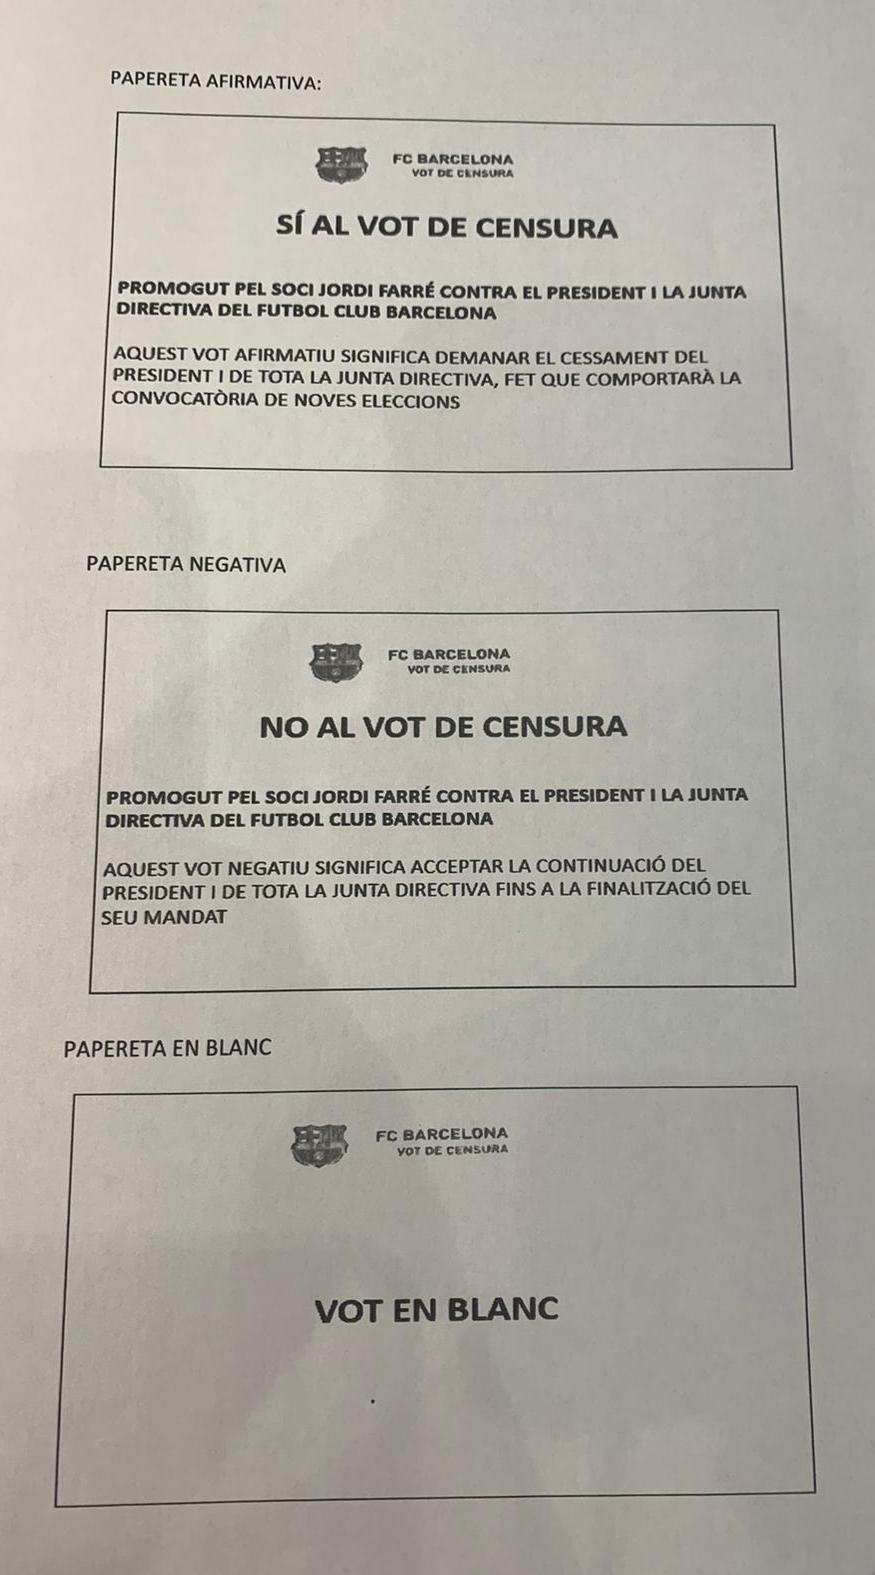 签名核验正式完成弹劾投票在即,巴九游会首页萨已备好投票用纸